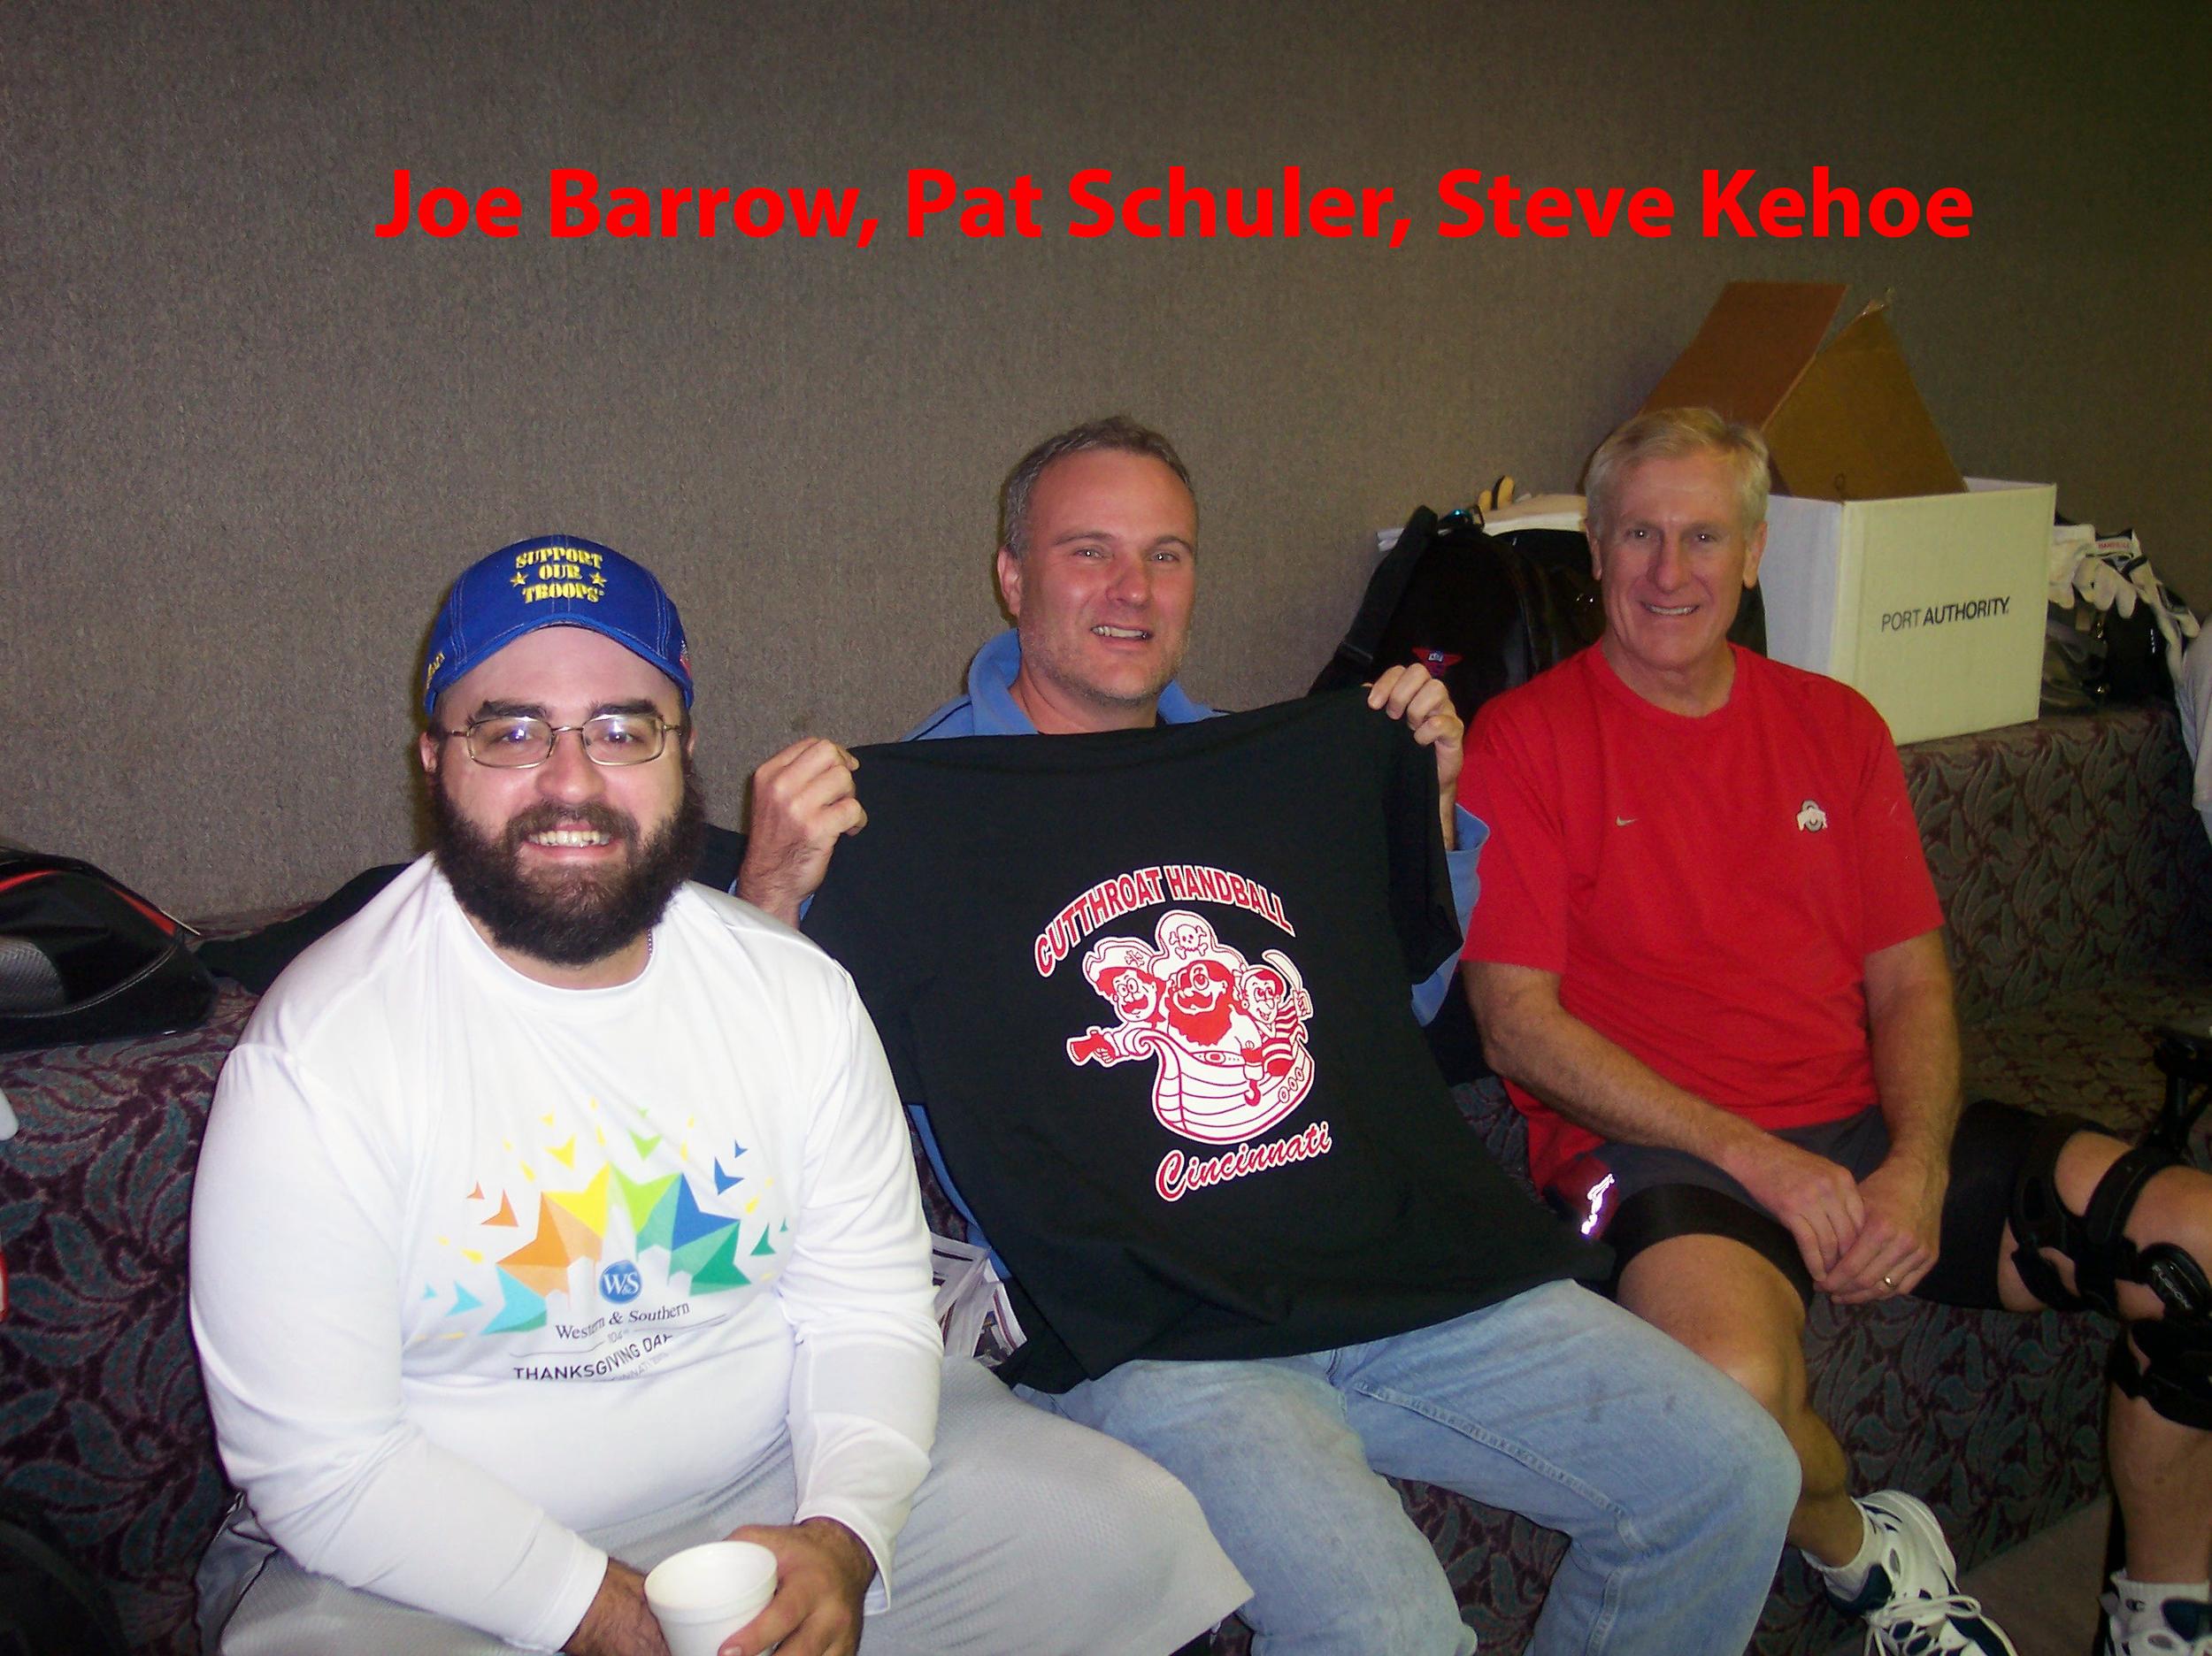 Joe Barrow, Pat Schuler, Steve Kehoe.png